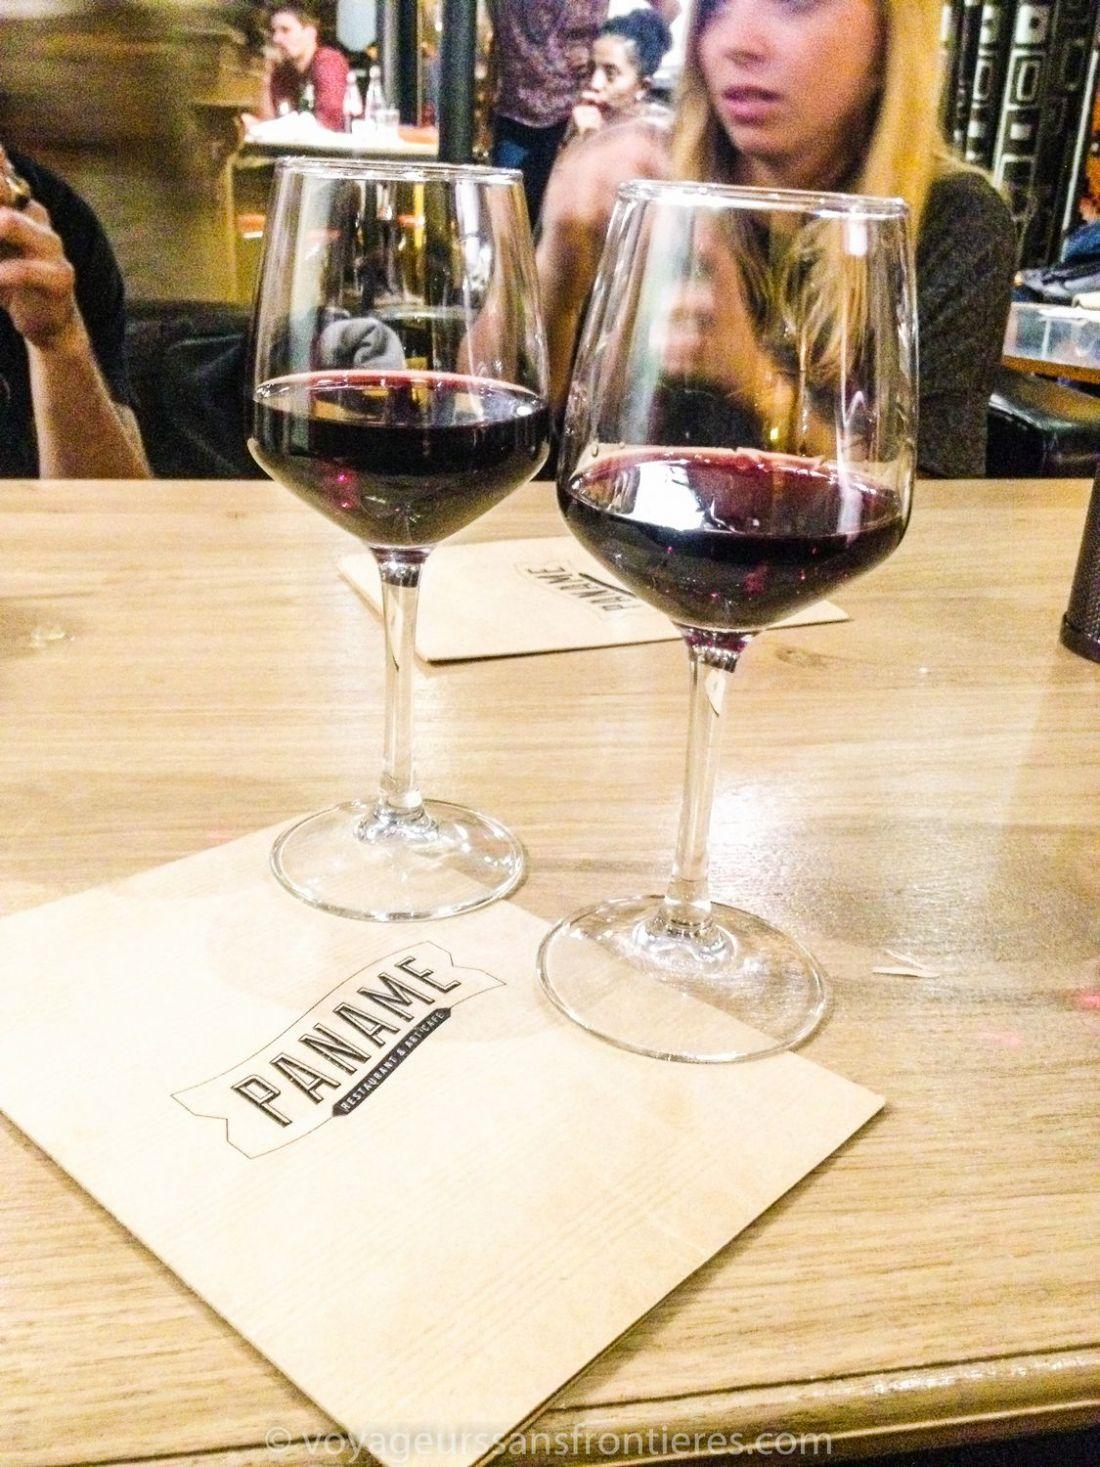 Two wine glasses at the Paname Art Café - Paris, France